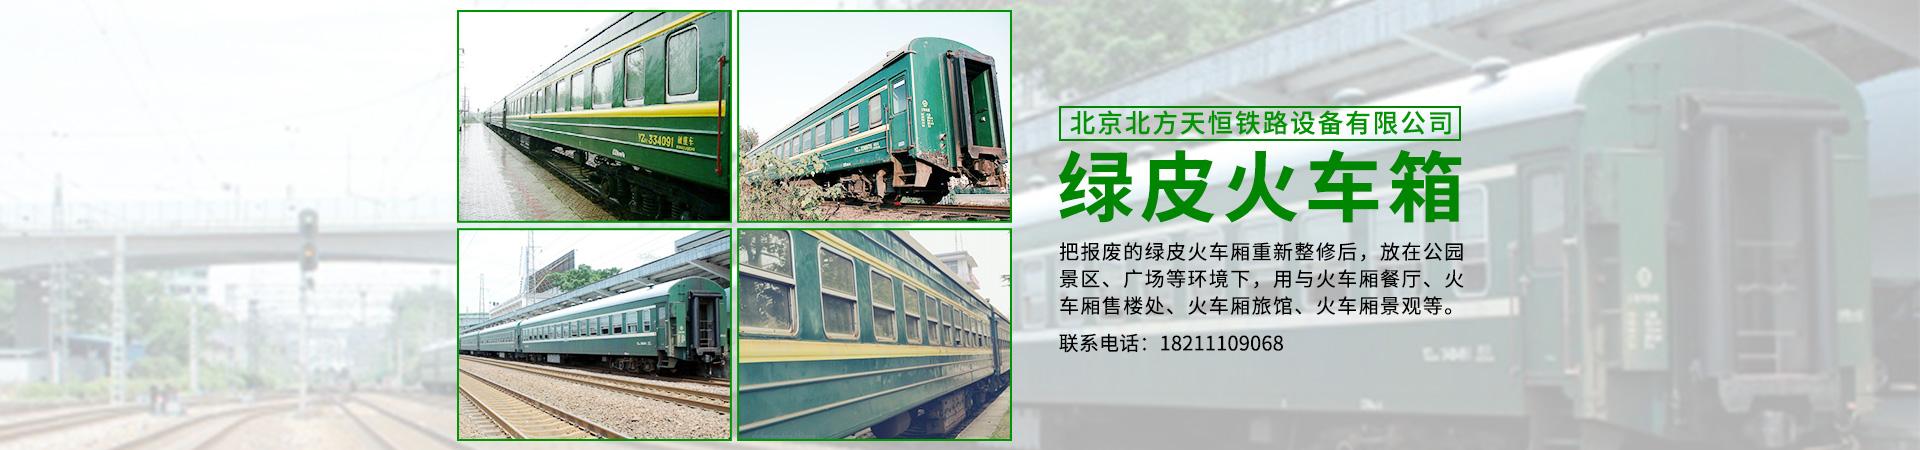 绿色火车厢